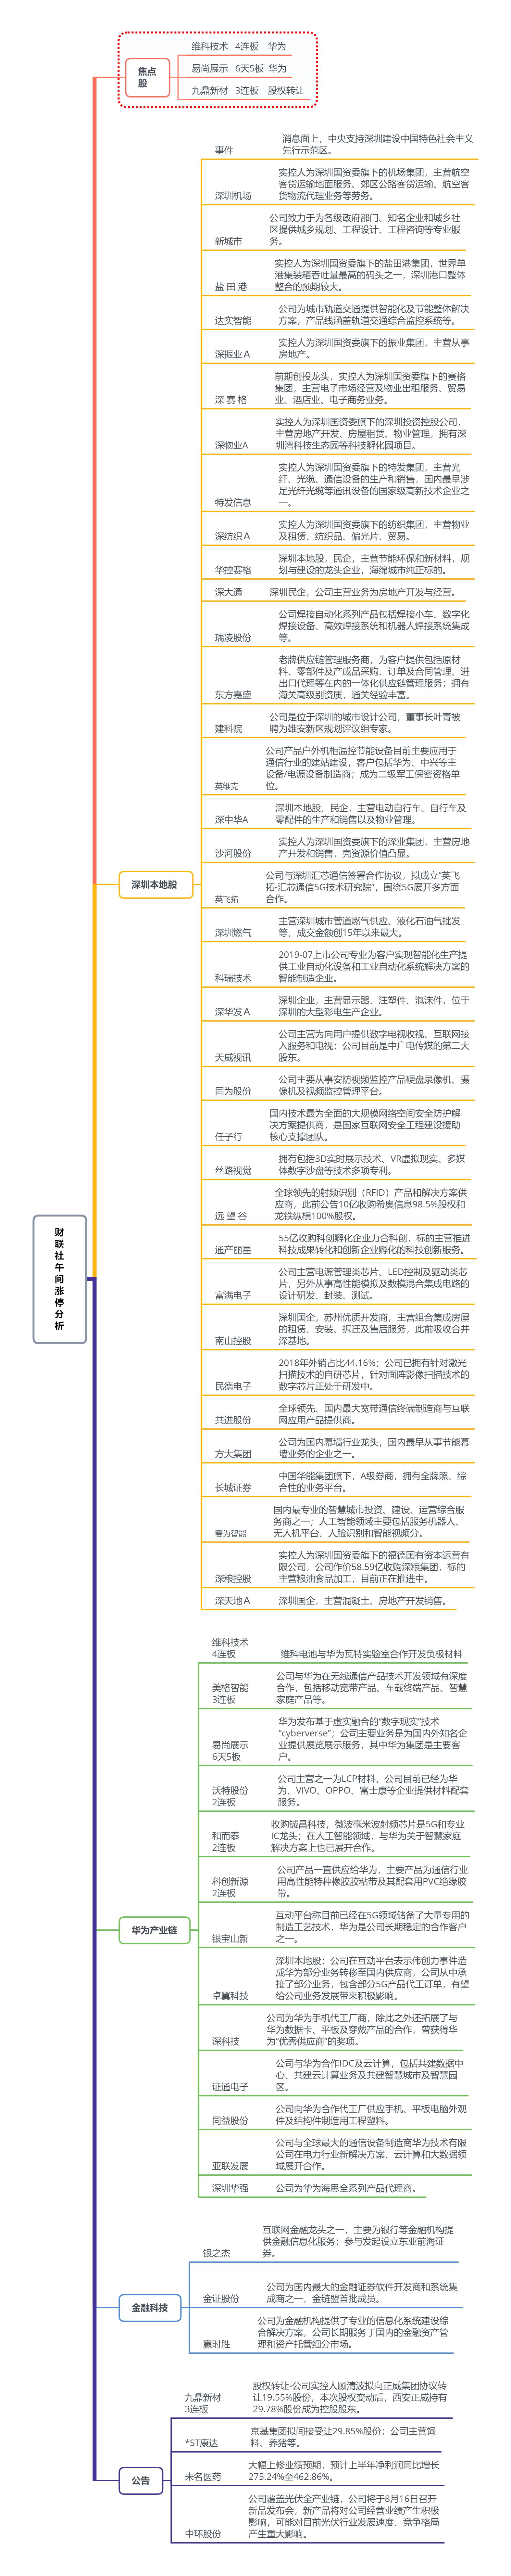 【财联社午报】创业板大涨近3% 深圳本地板块引爆行情